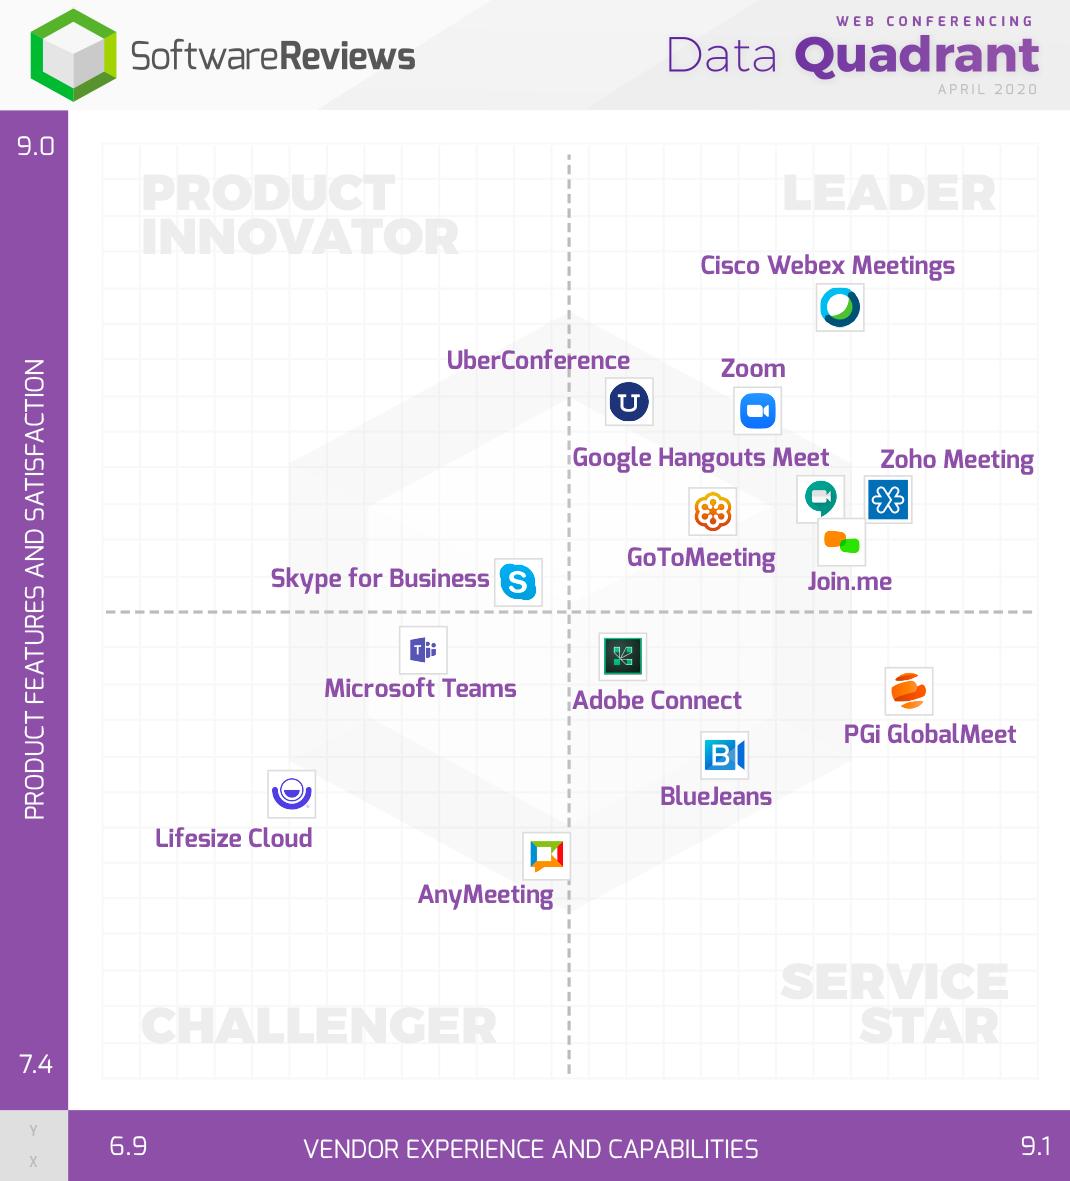 Web Conferencing Data Quadrant